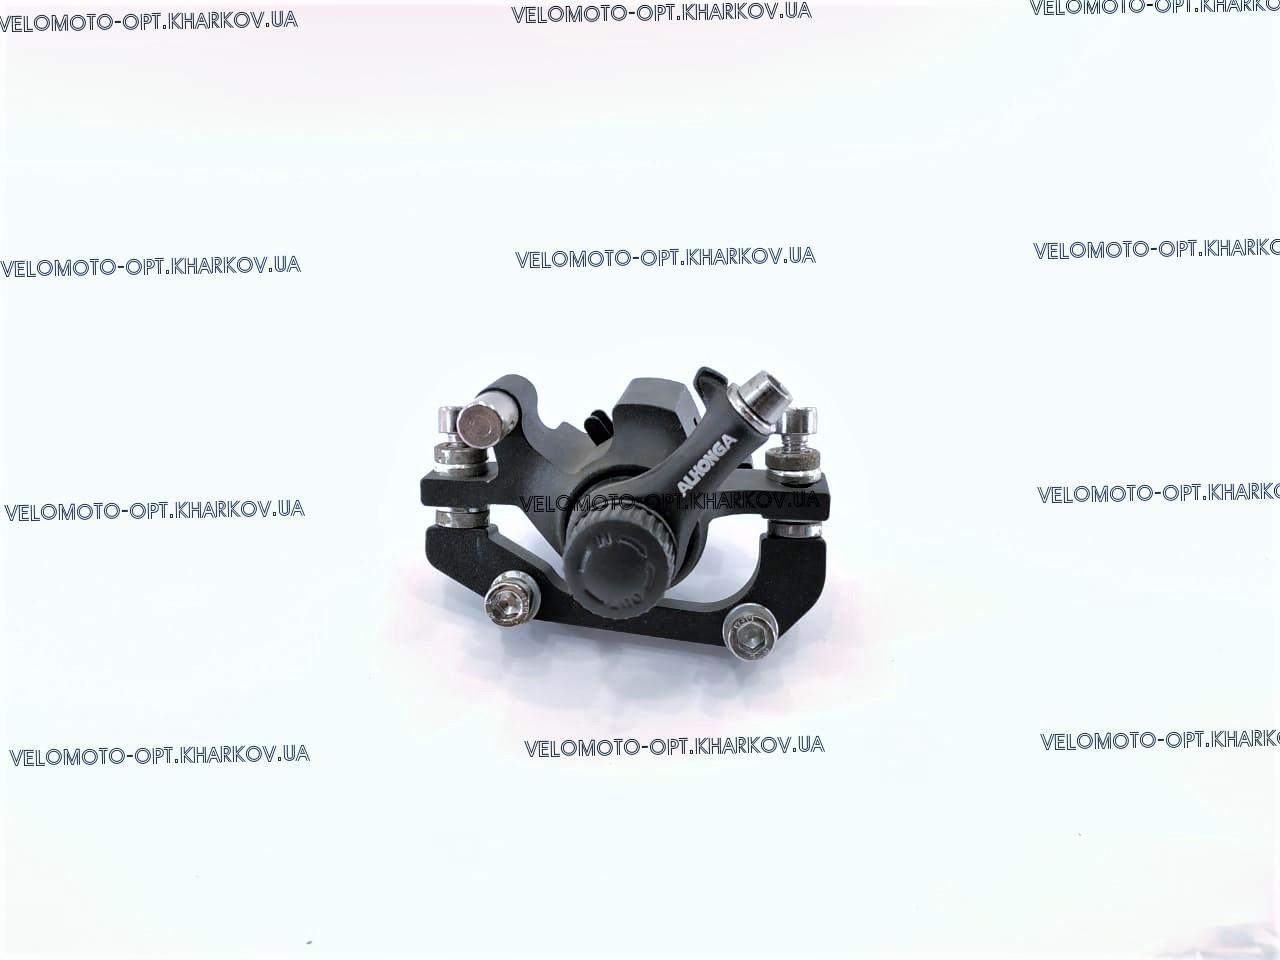 Калипер дисковый механический тормоз Alhonga 140/160, Тайвань